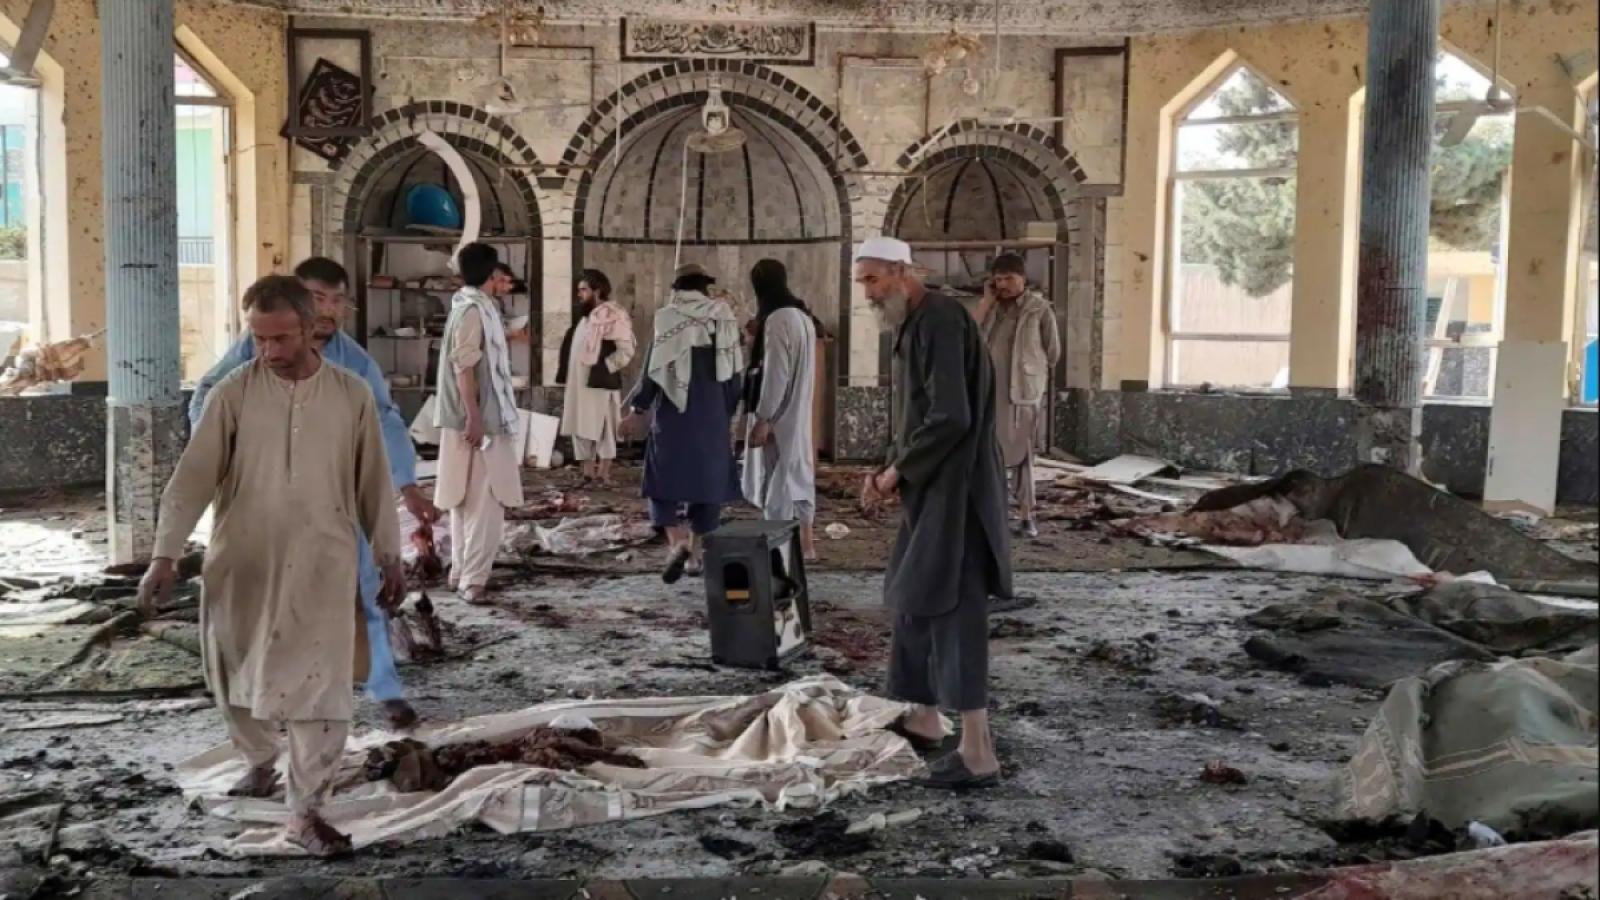 Tình hình Afghanistan phức tạp: EU cảnh báo an ninh, Mỹ lần đầu gặp Taliban sau rút quân